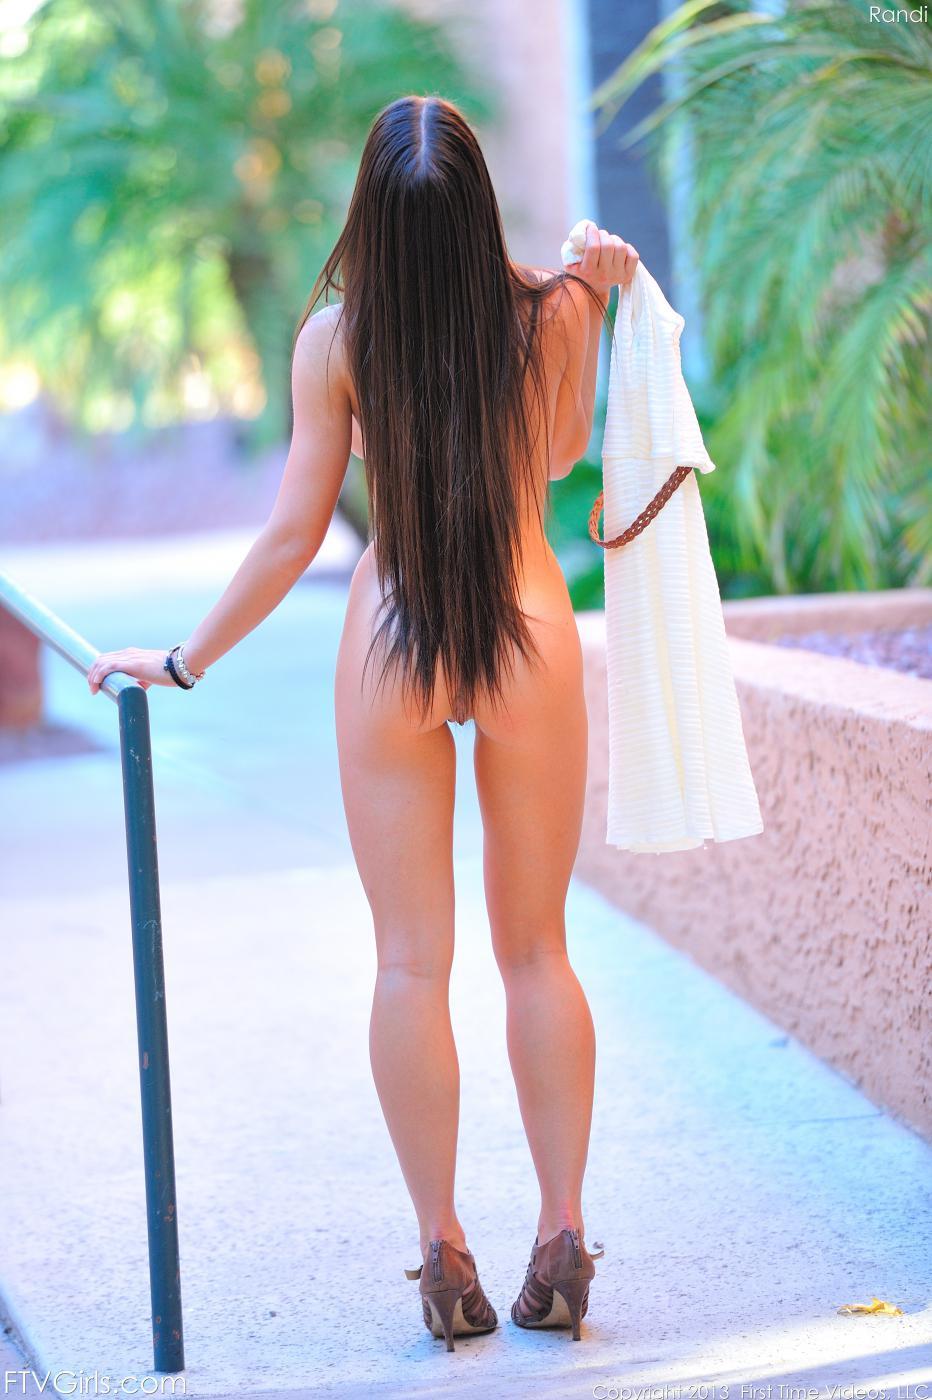 Русая порноактрисса Rahyndee James - безумно негодная девочка-подросток, которая не может дождаться момента, чтобы оголиться